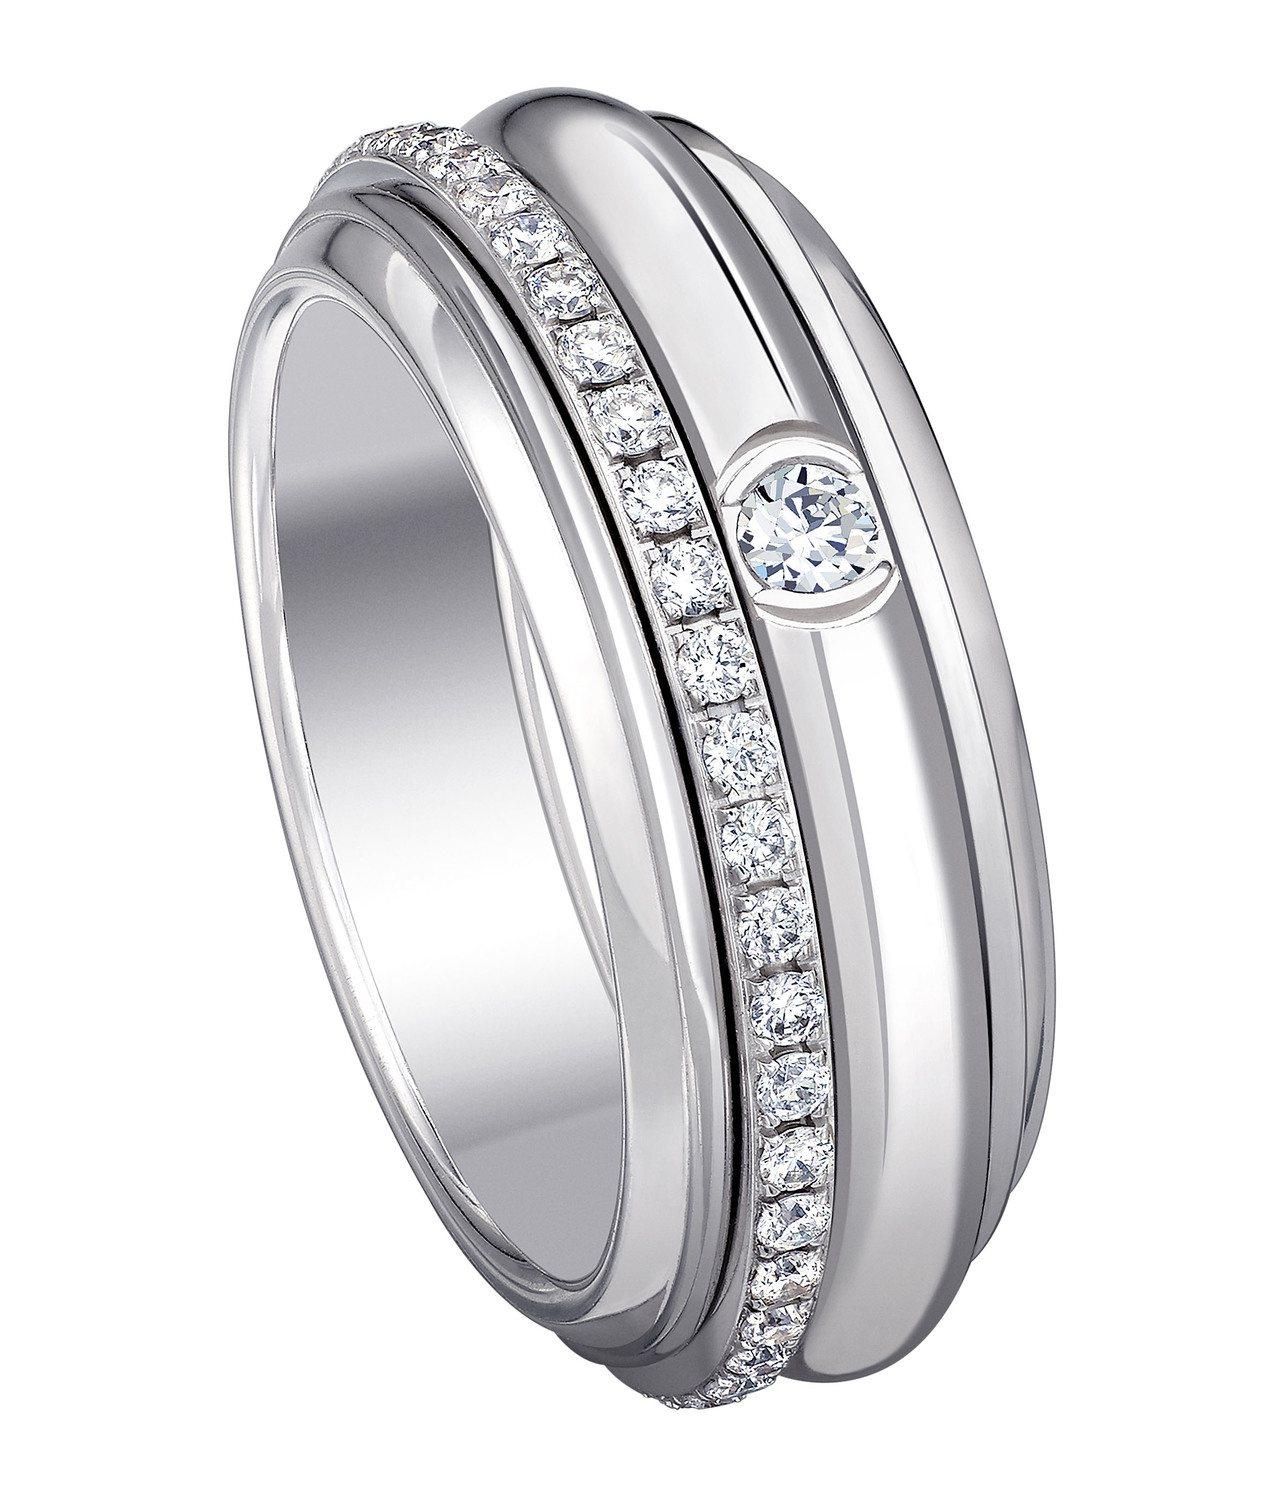 PIAGET Possession系列18K白金鑲鑽戒指,19萬8,000元。圖...